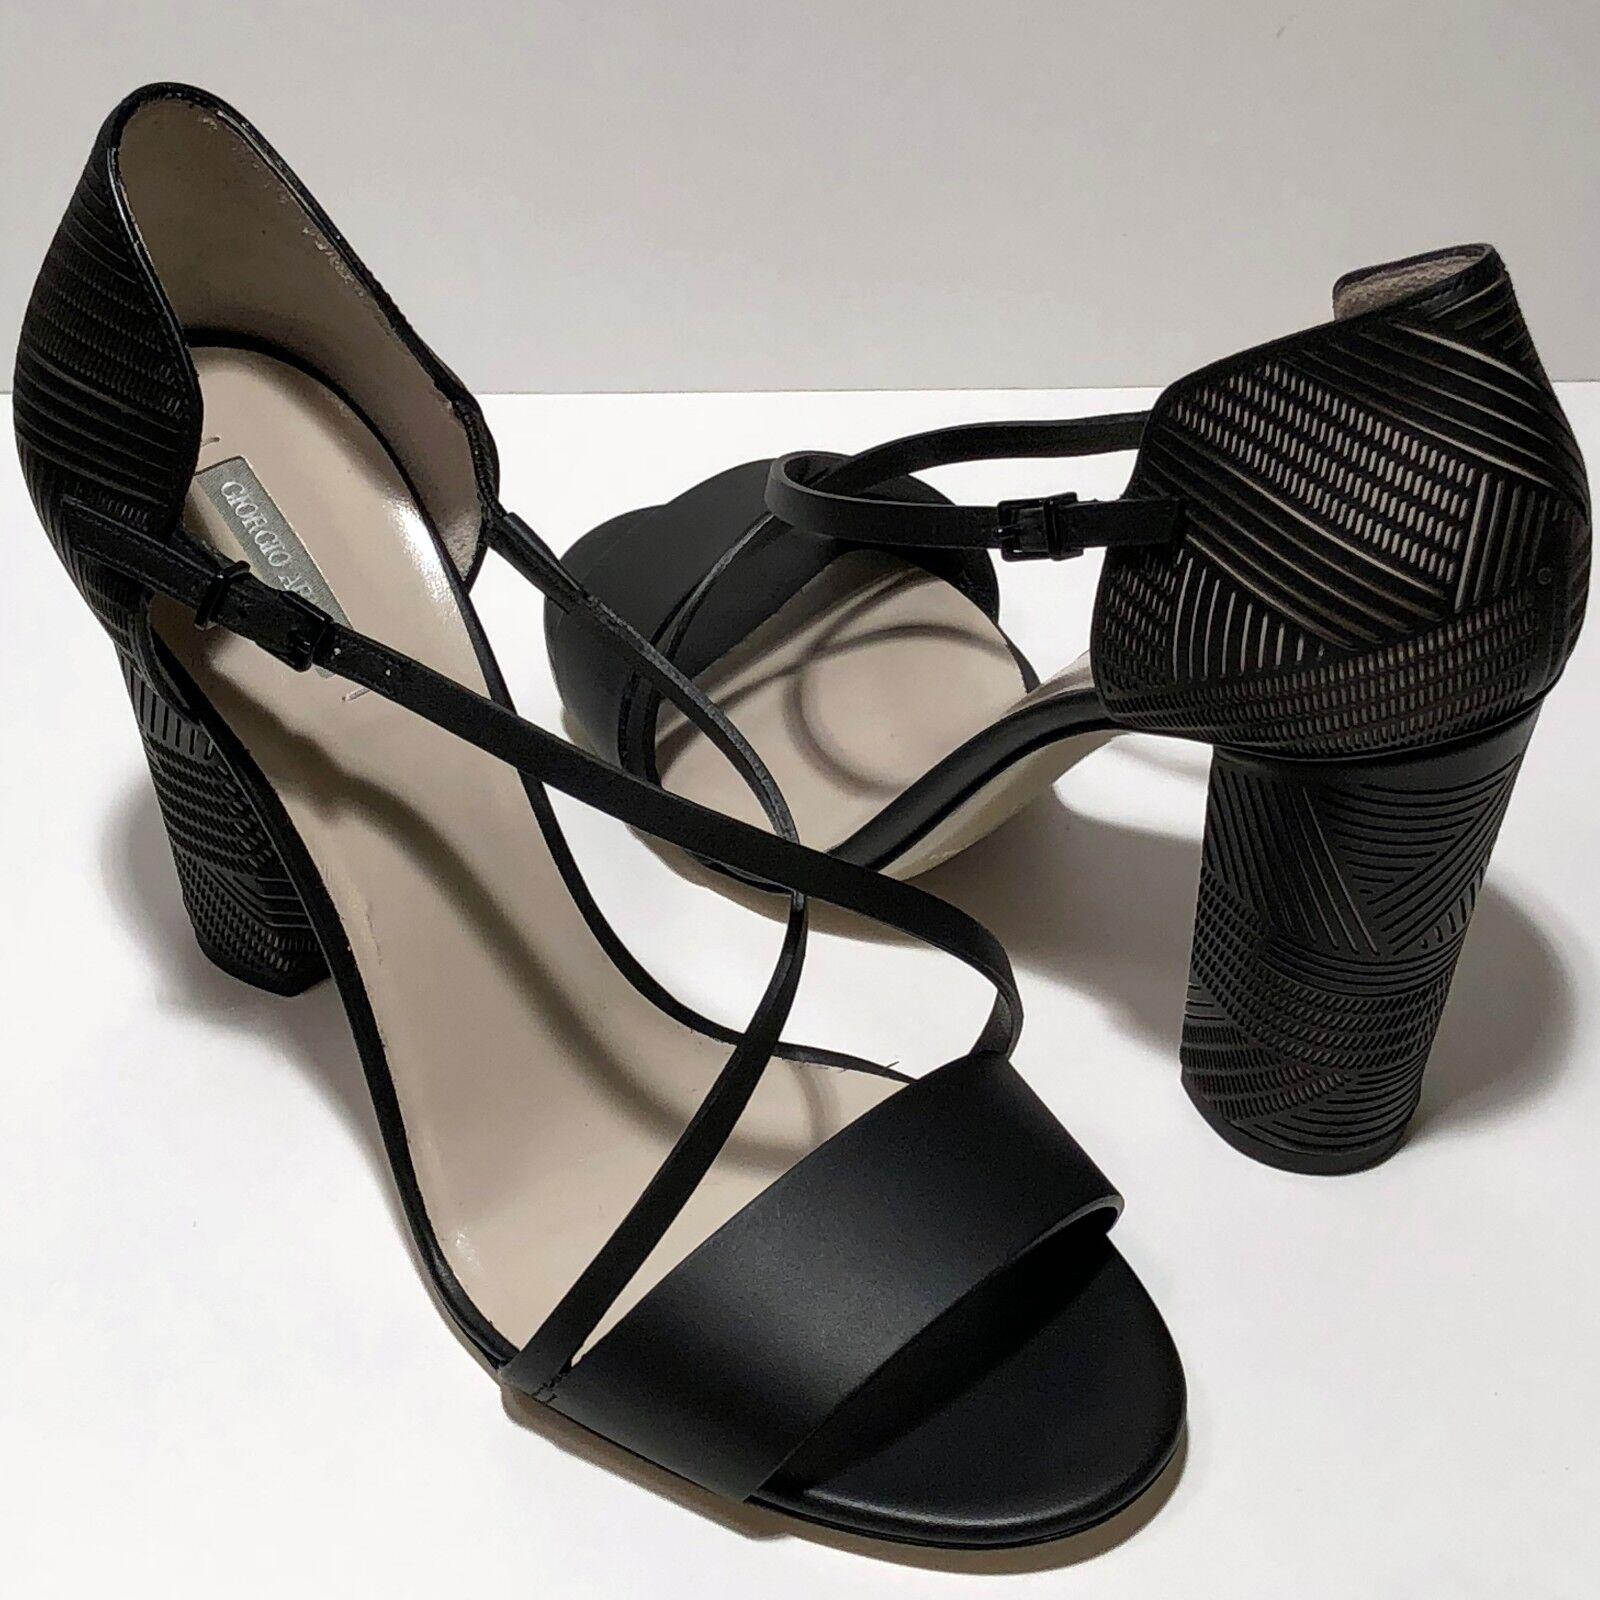 promozioni di squadra  1025 1025 1025 Giorgio Armani Donna  6 nero Leather Fashion d'Orsay Heels Strap Pumps  shopping online e negozio di moda